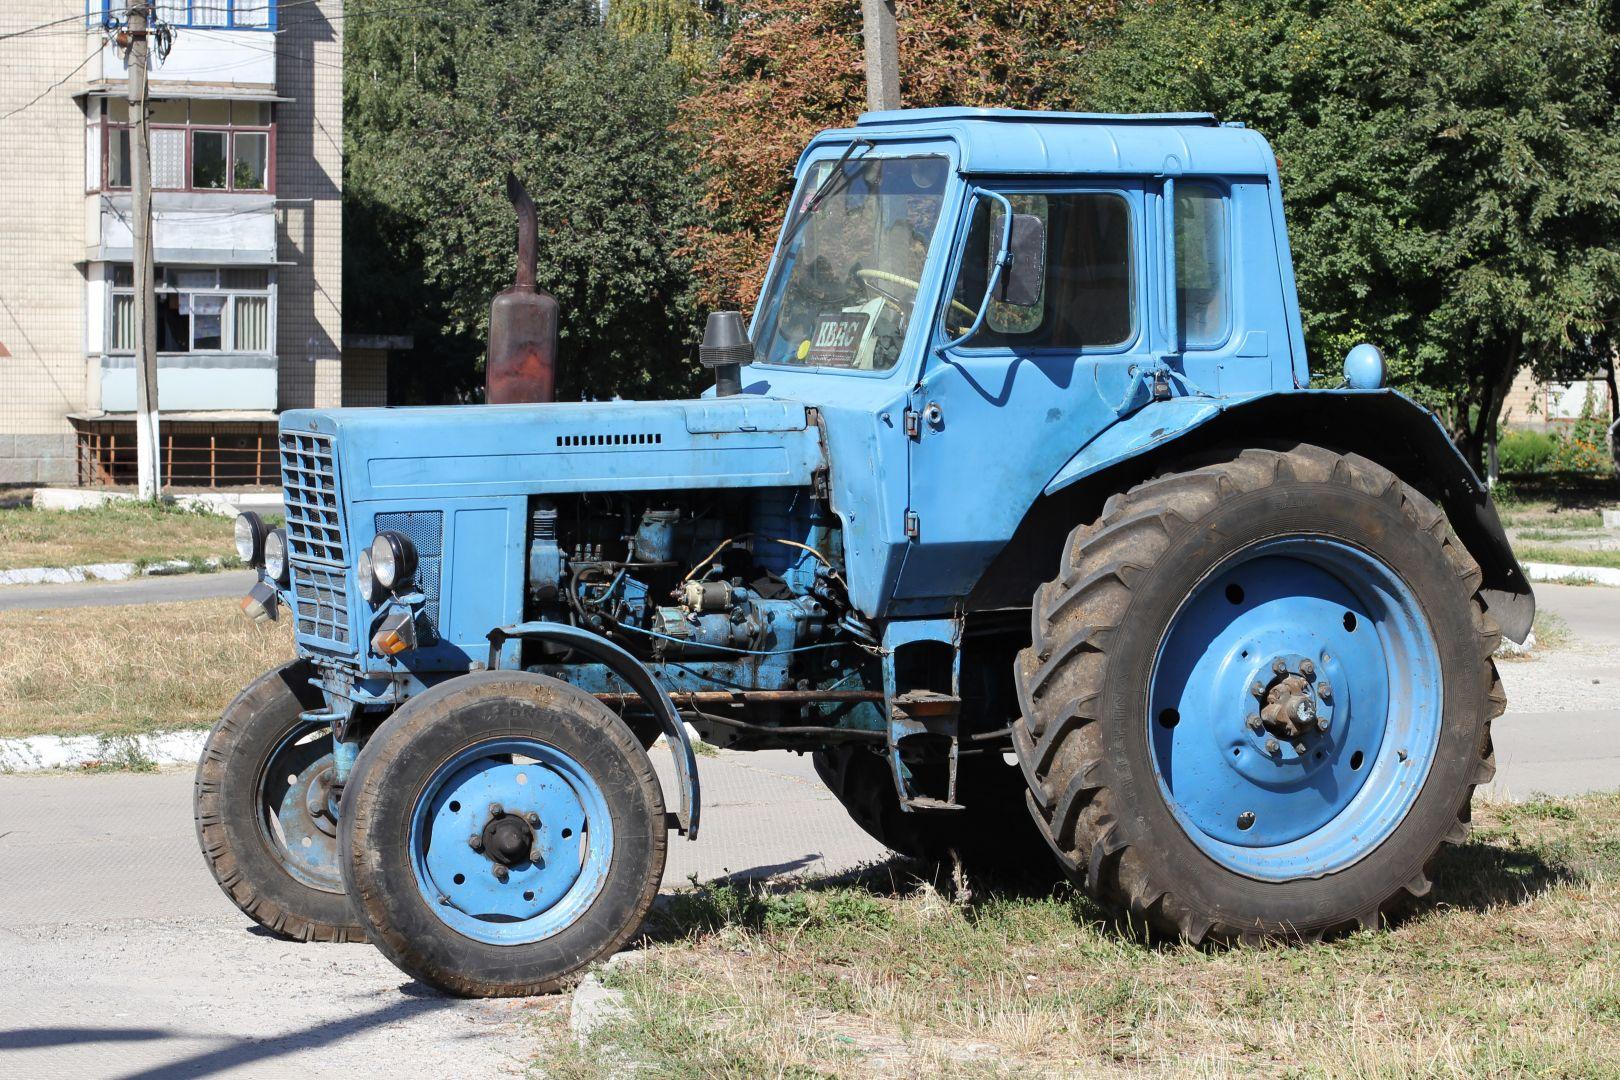 Нетрезвый ставропольчанин угнал припаркованный вогороде трактор